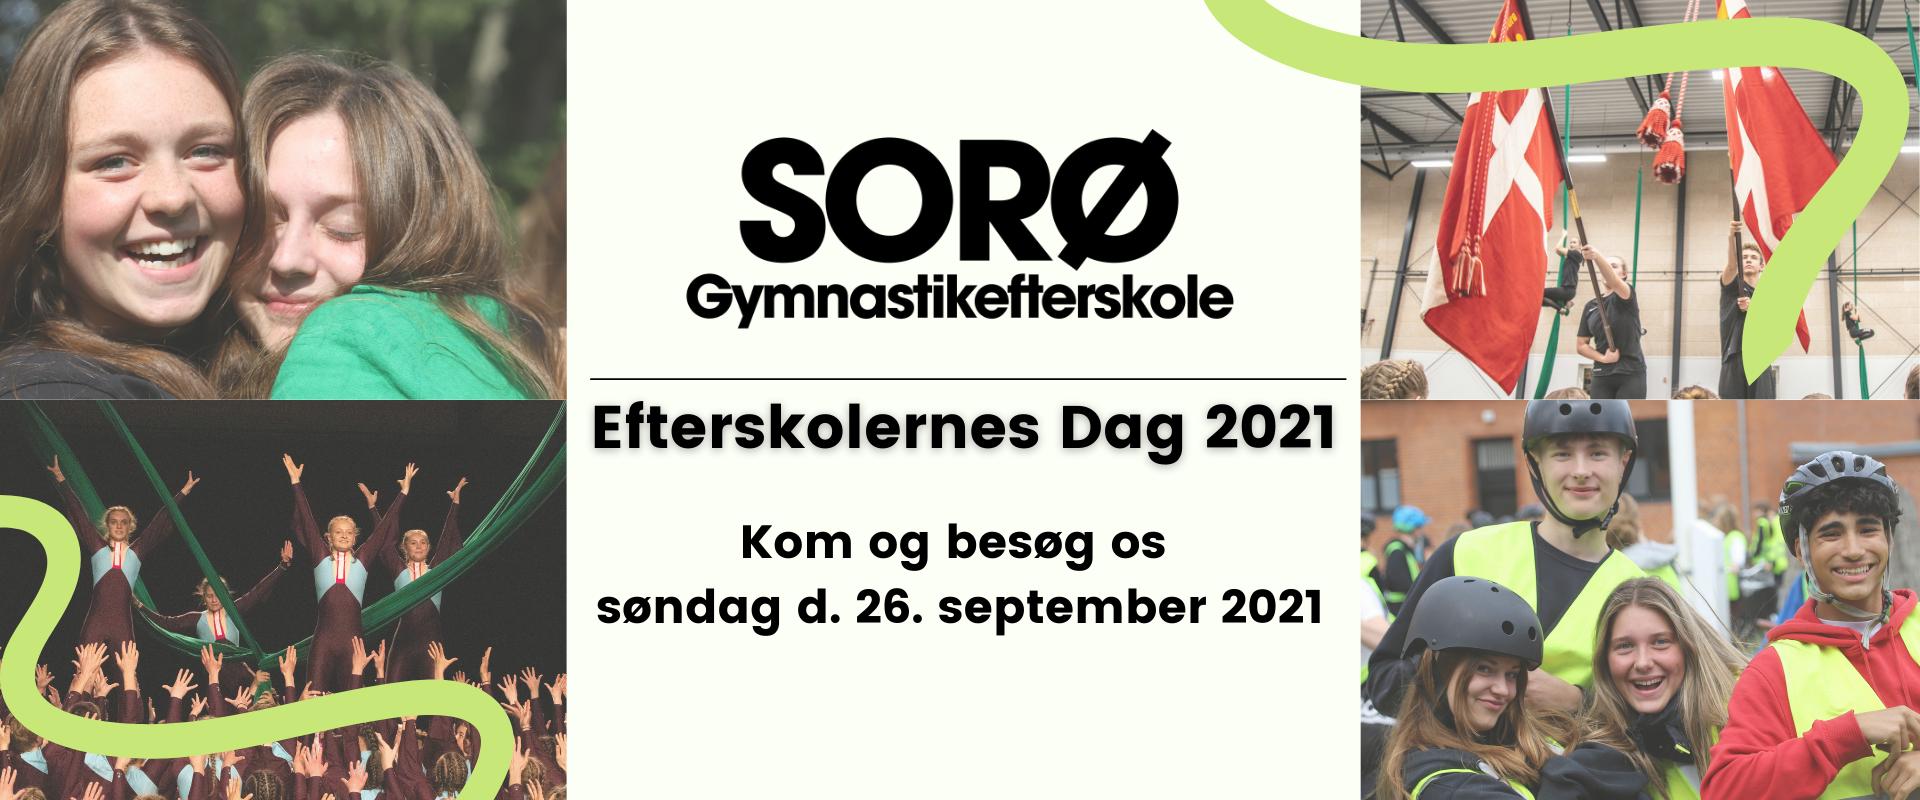 Efterskolernes Dag 2021